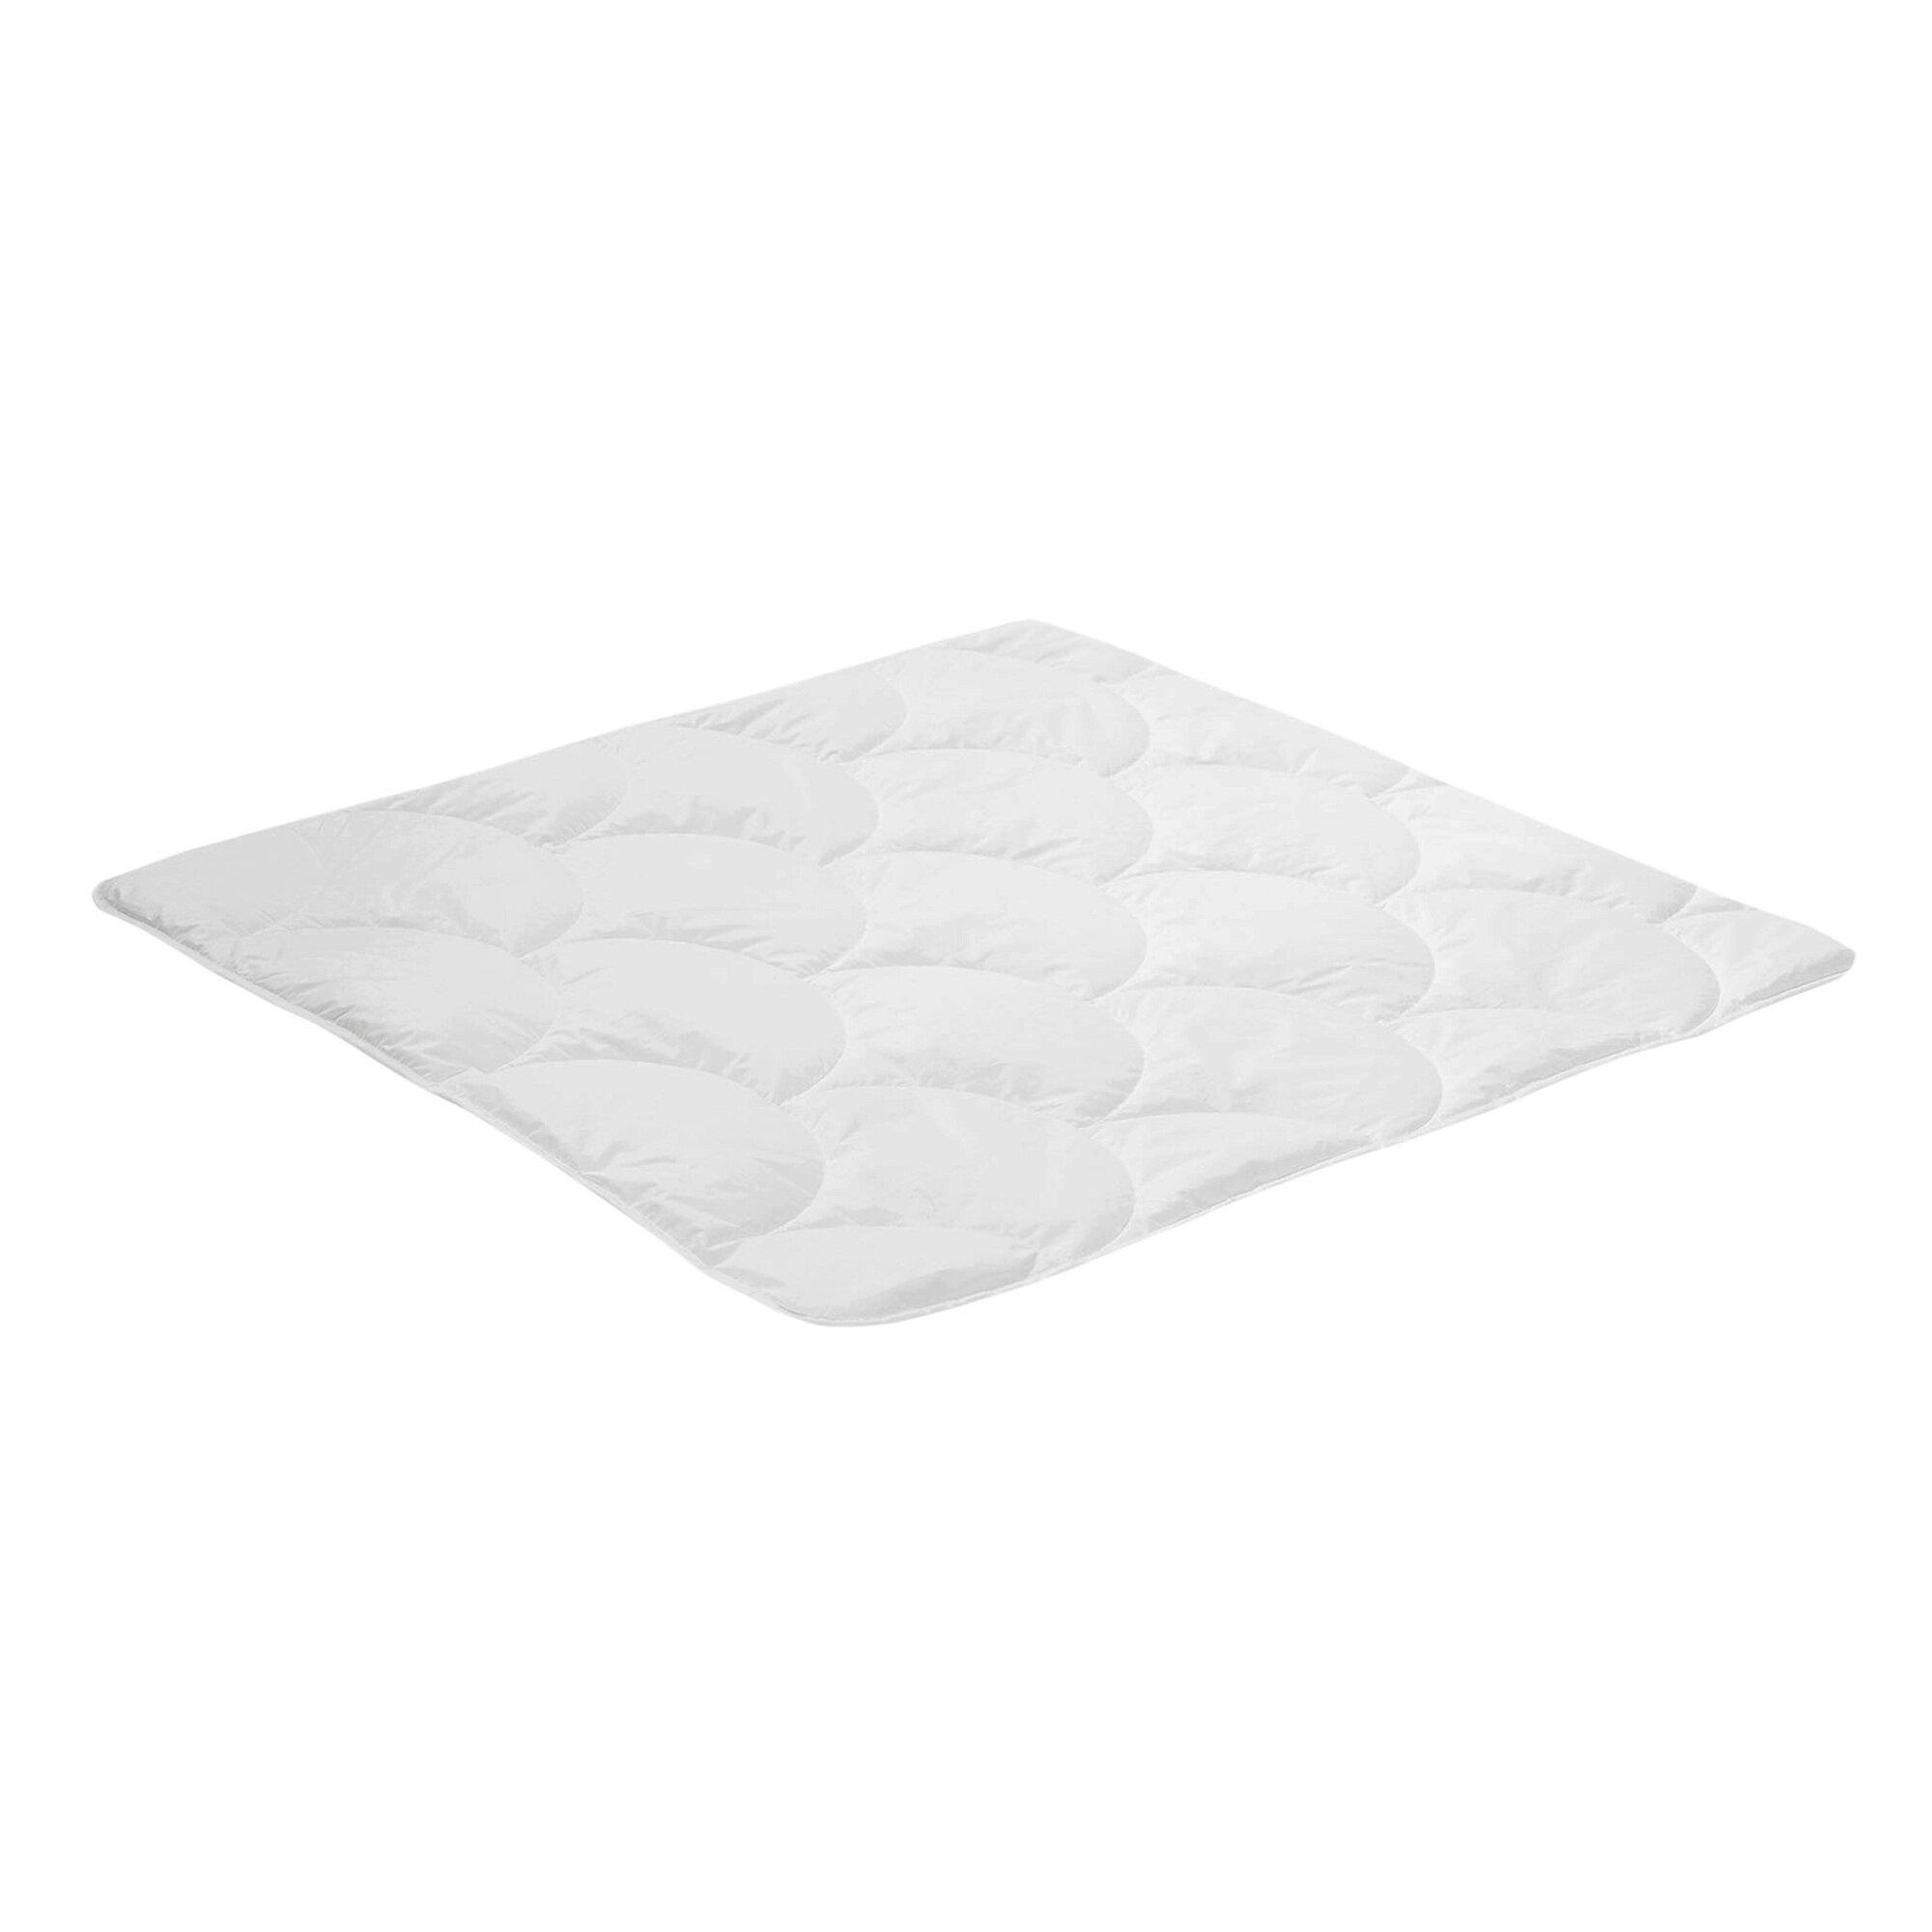 Alvi Bettdecke Outlast® 80x80 cm weiss